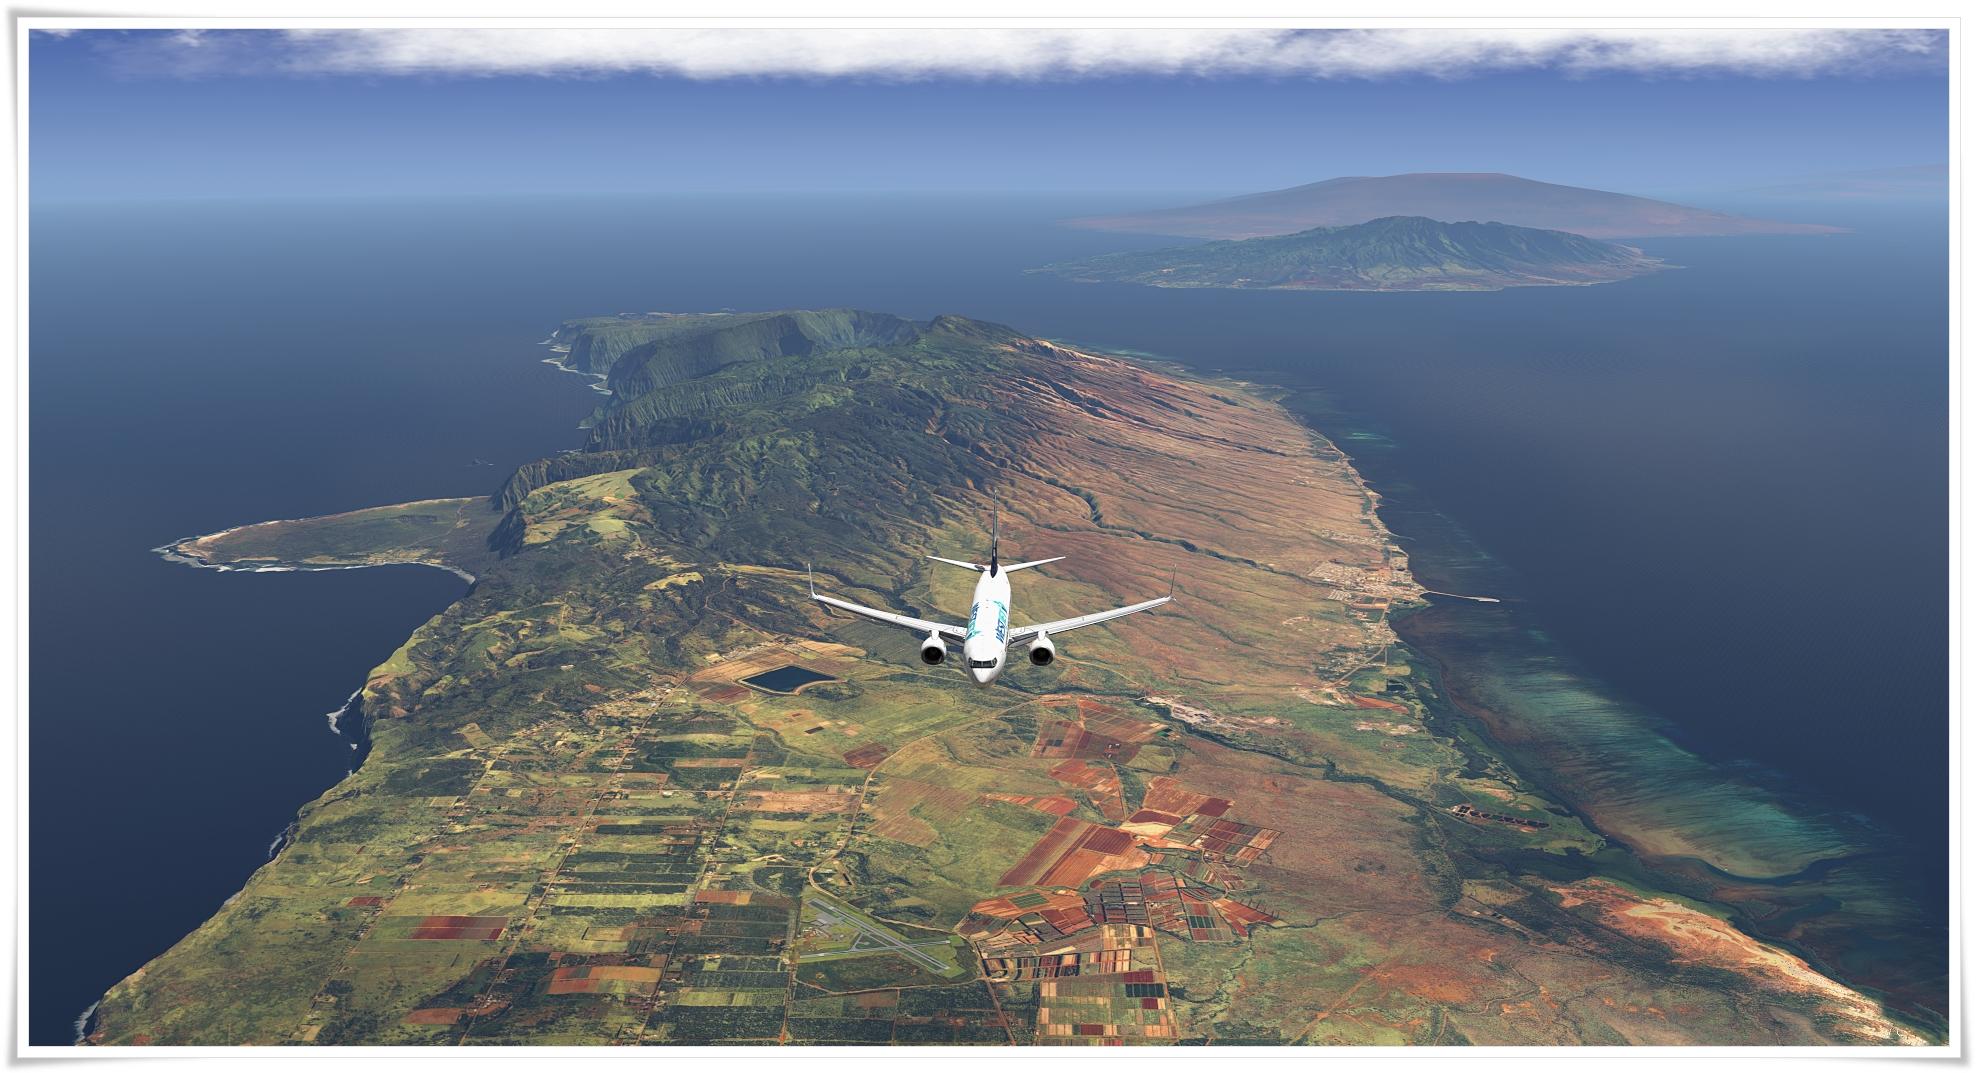 hawaii_9ysjf0.jpg